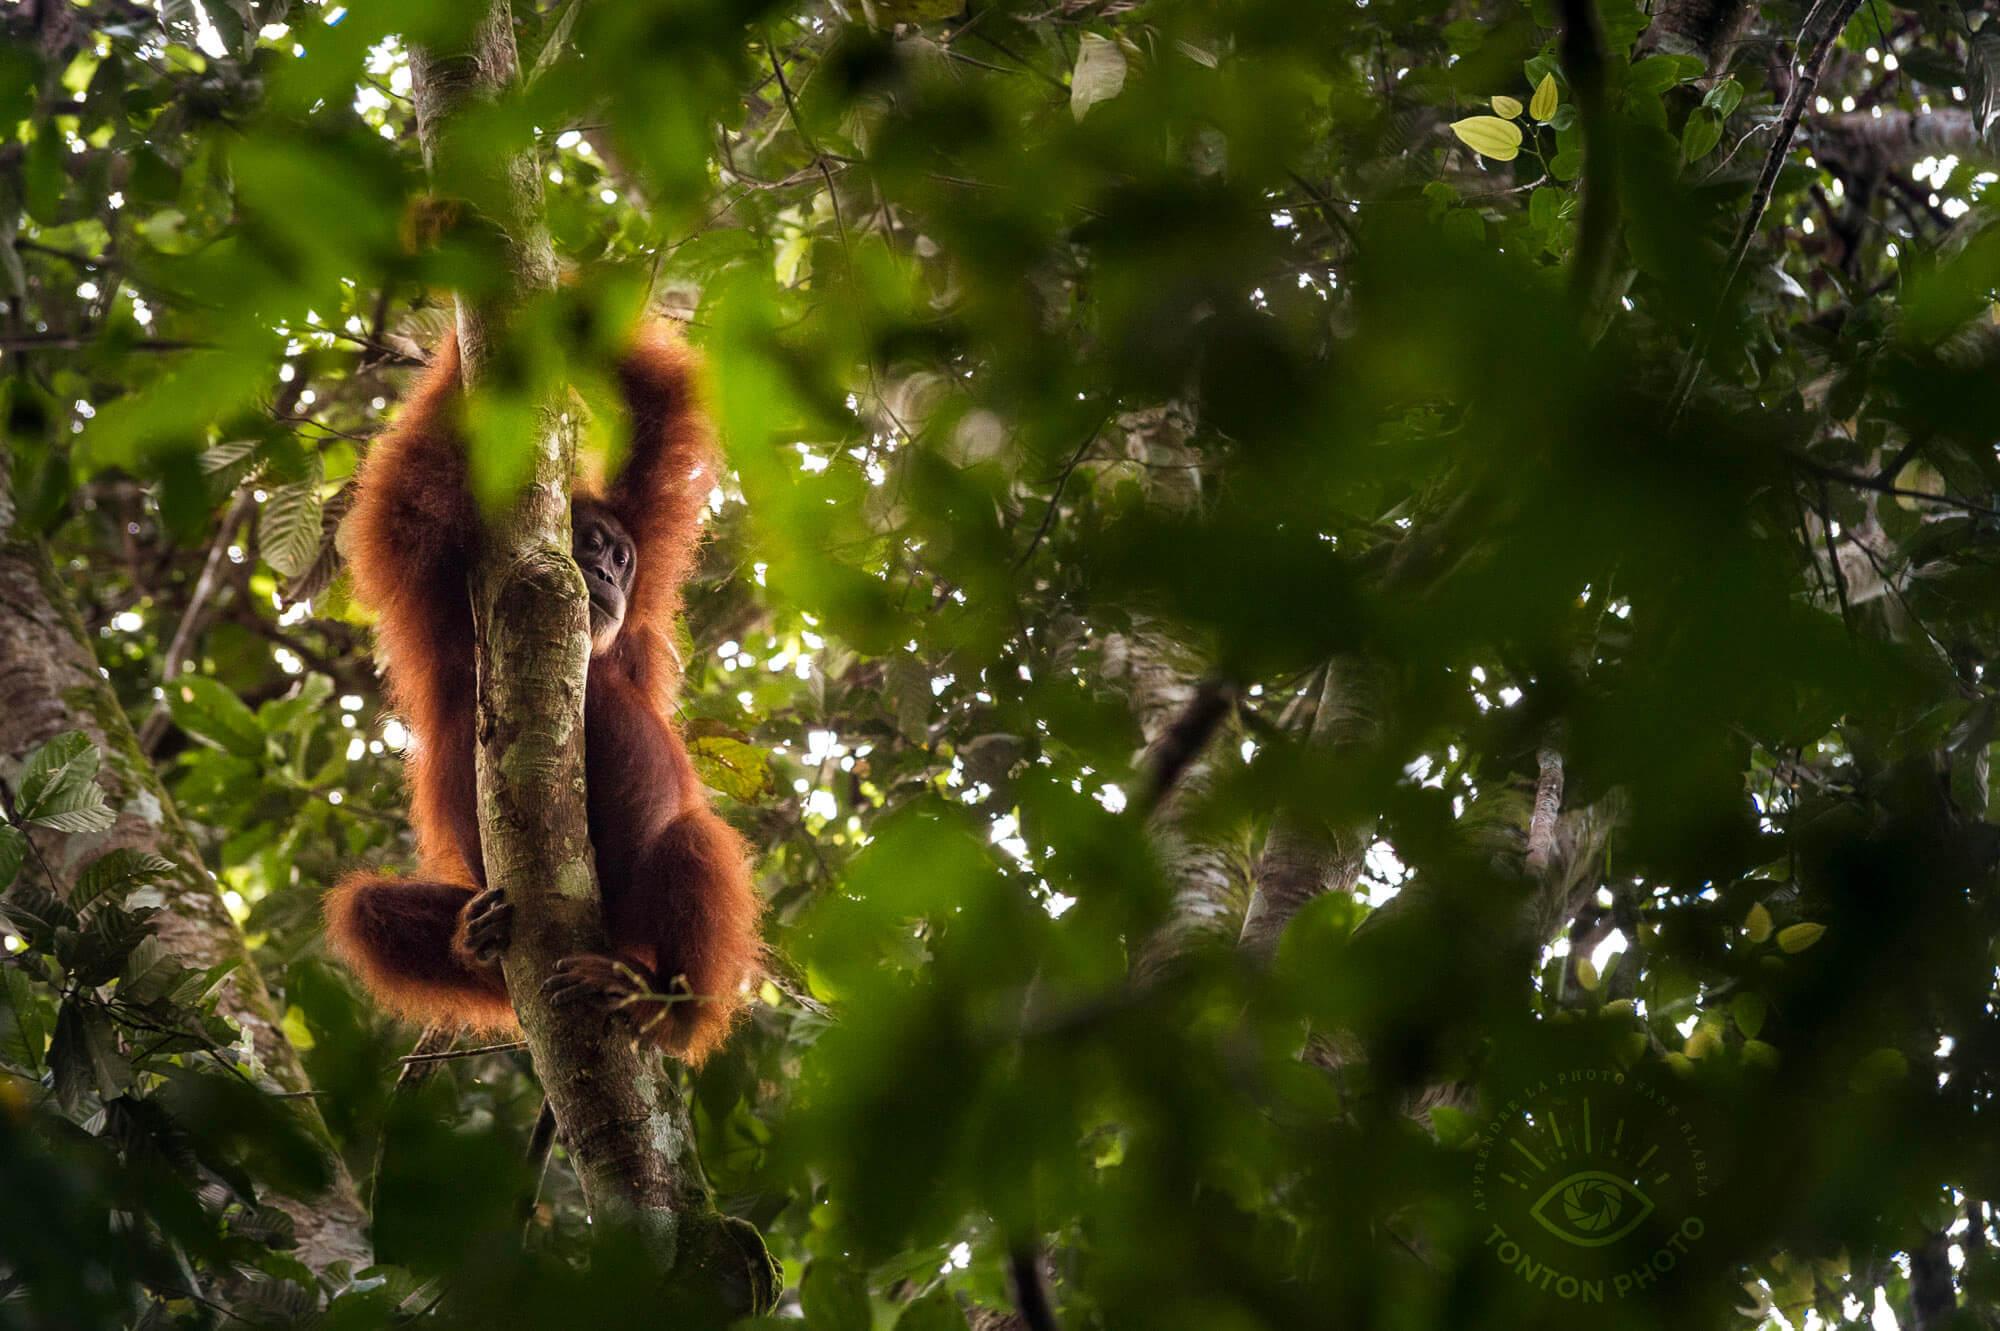 Femelle orang-outan tranquillement couchée dans les branches. Bukit Lawang, Sumatra, Indonésie © Clément Racineux / Tonton Photo